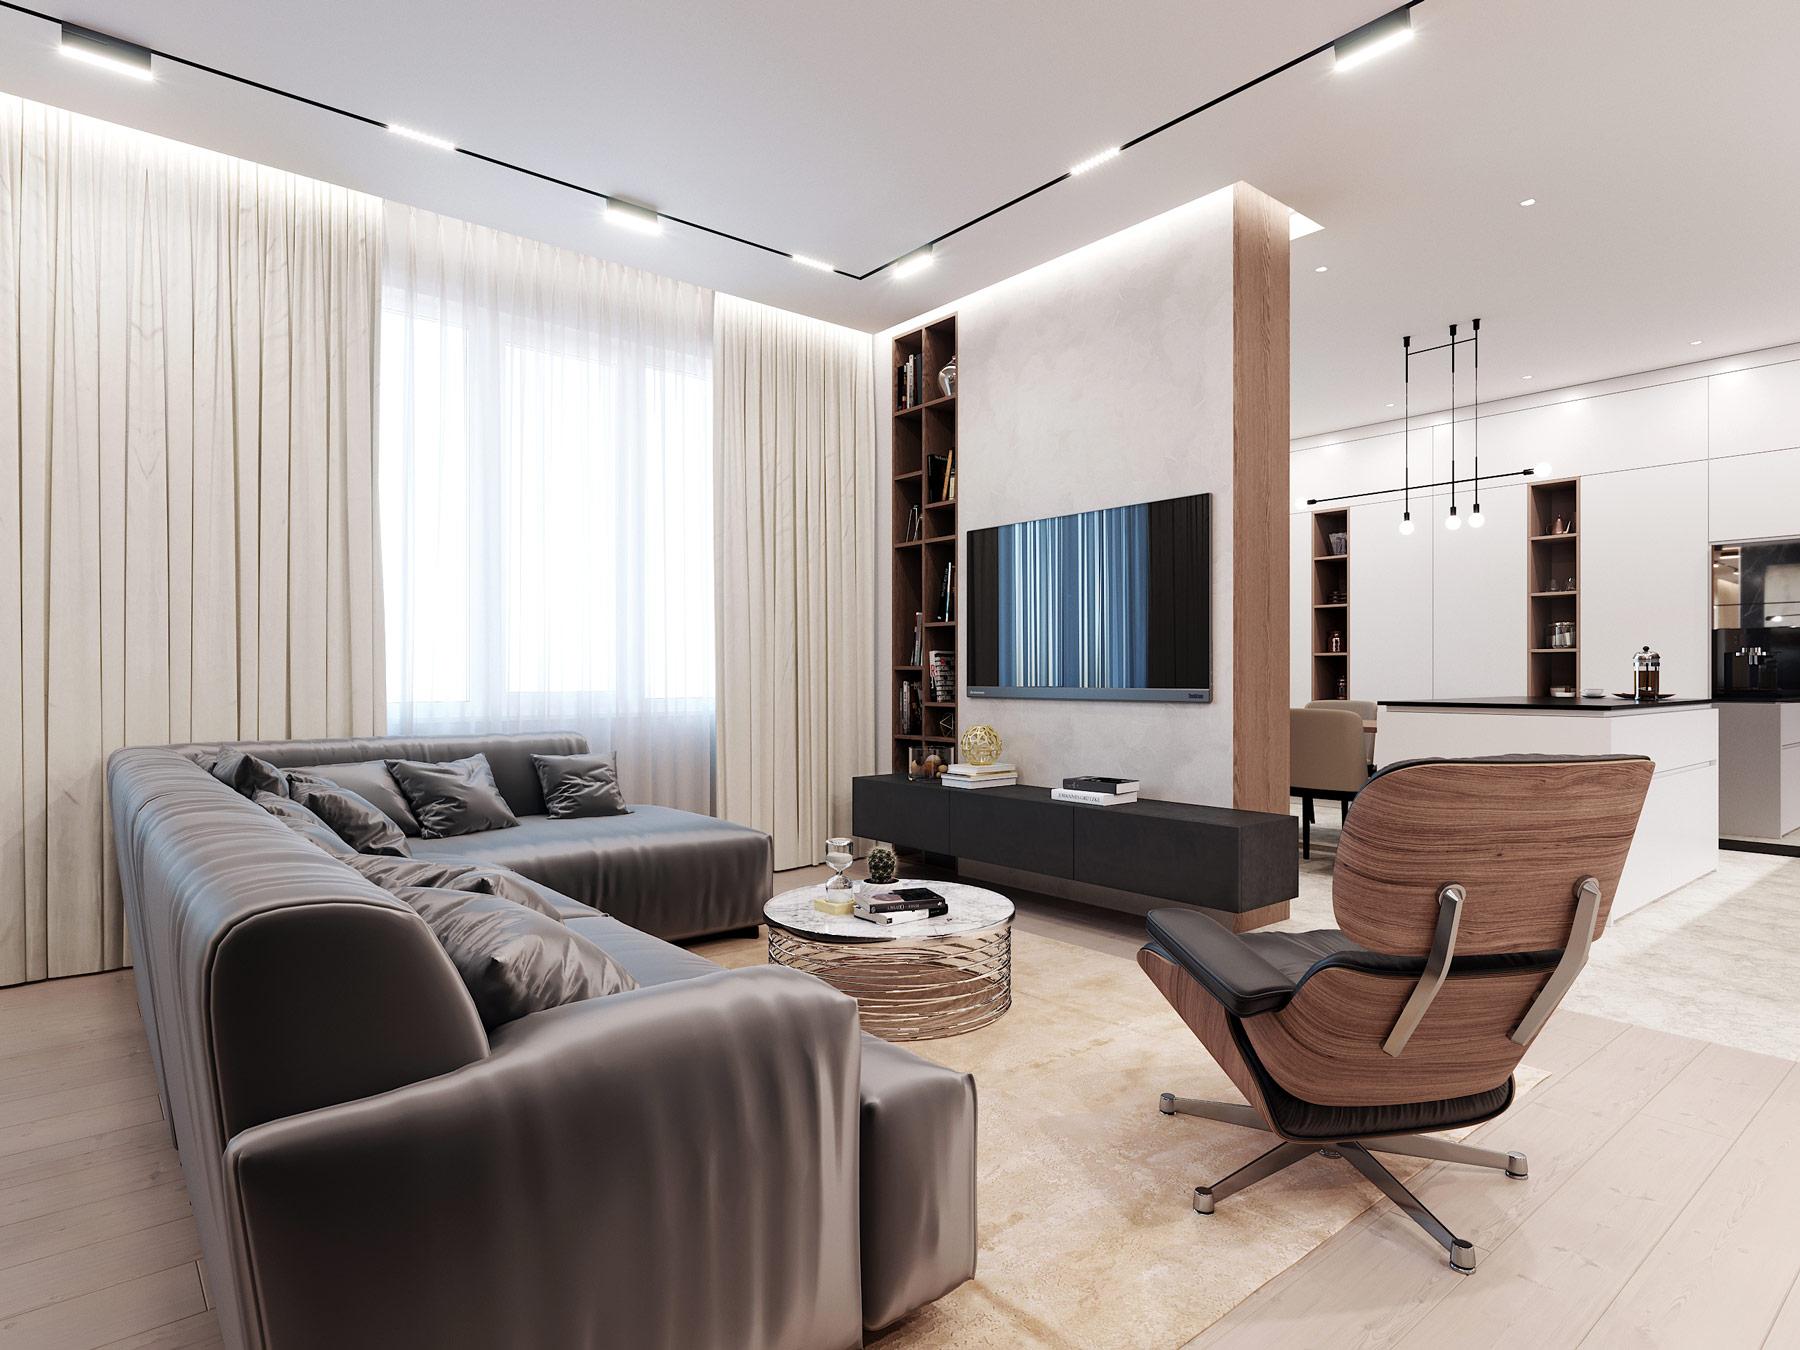 Дизайн интерьера квартиры в ЖК Парк авеню - гостиная